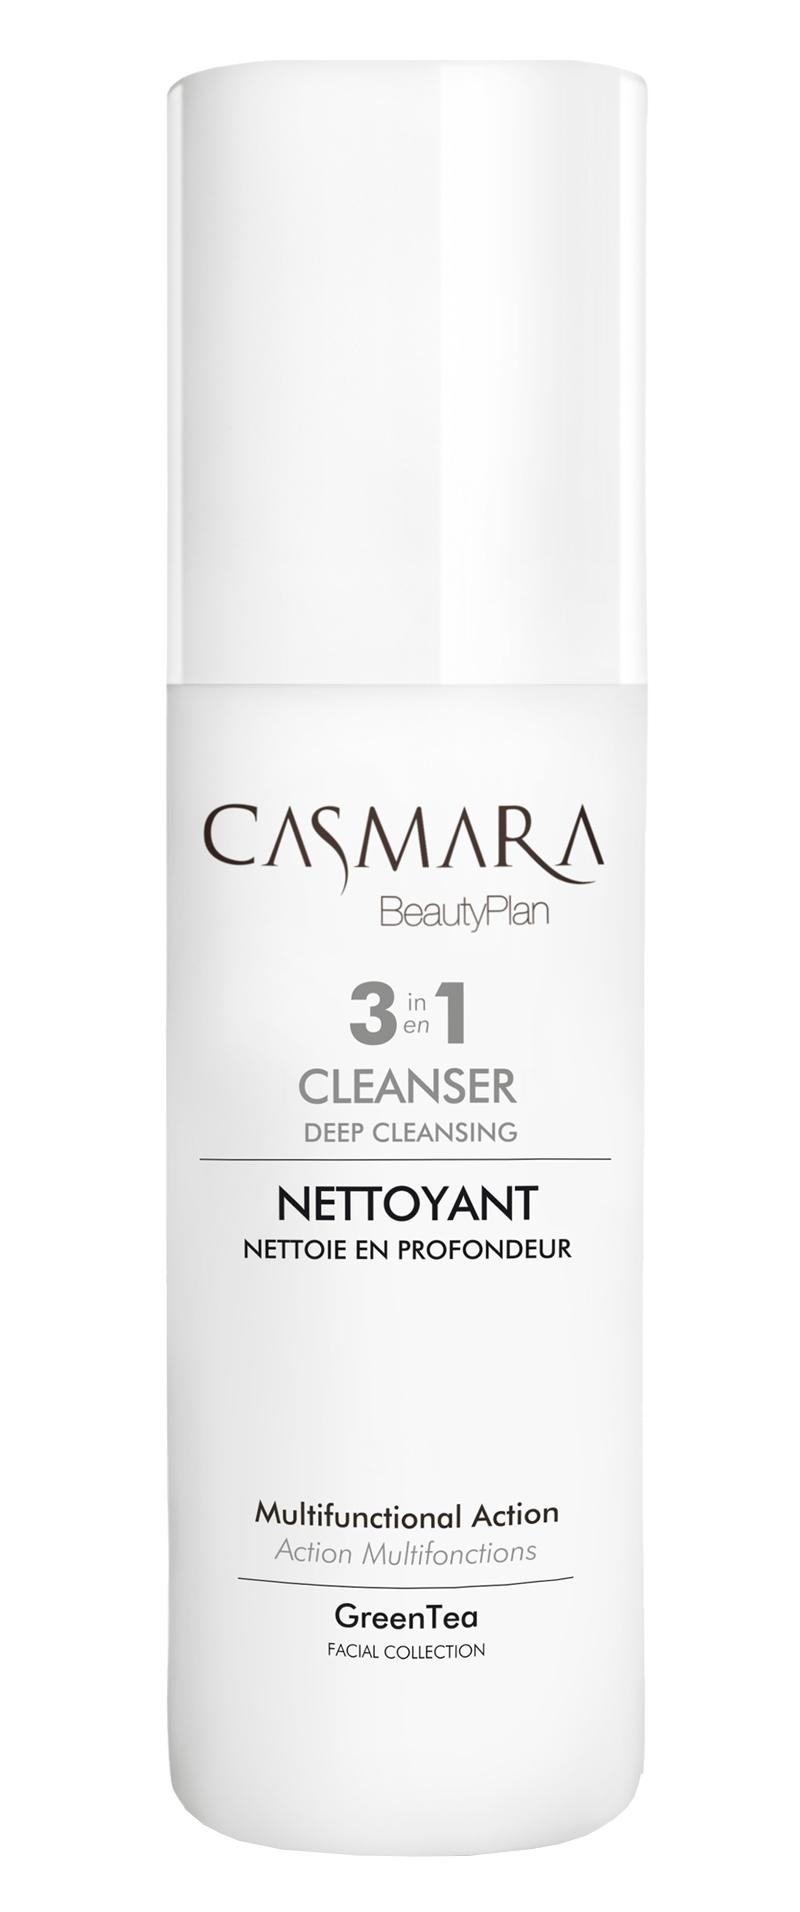 Casmara Nettoyant Cleanser Green Tea 3v1 Multifunkční odličovač 150 ml